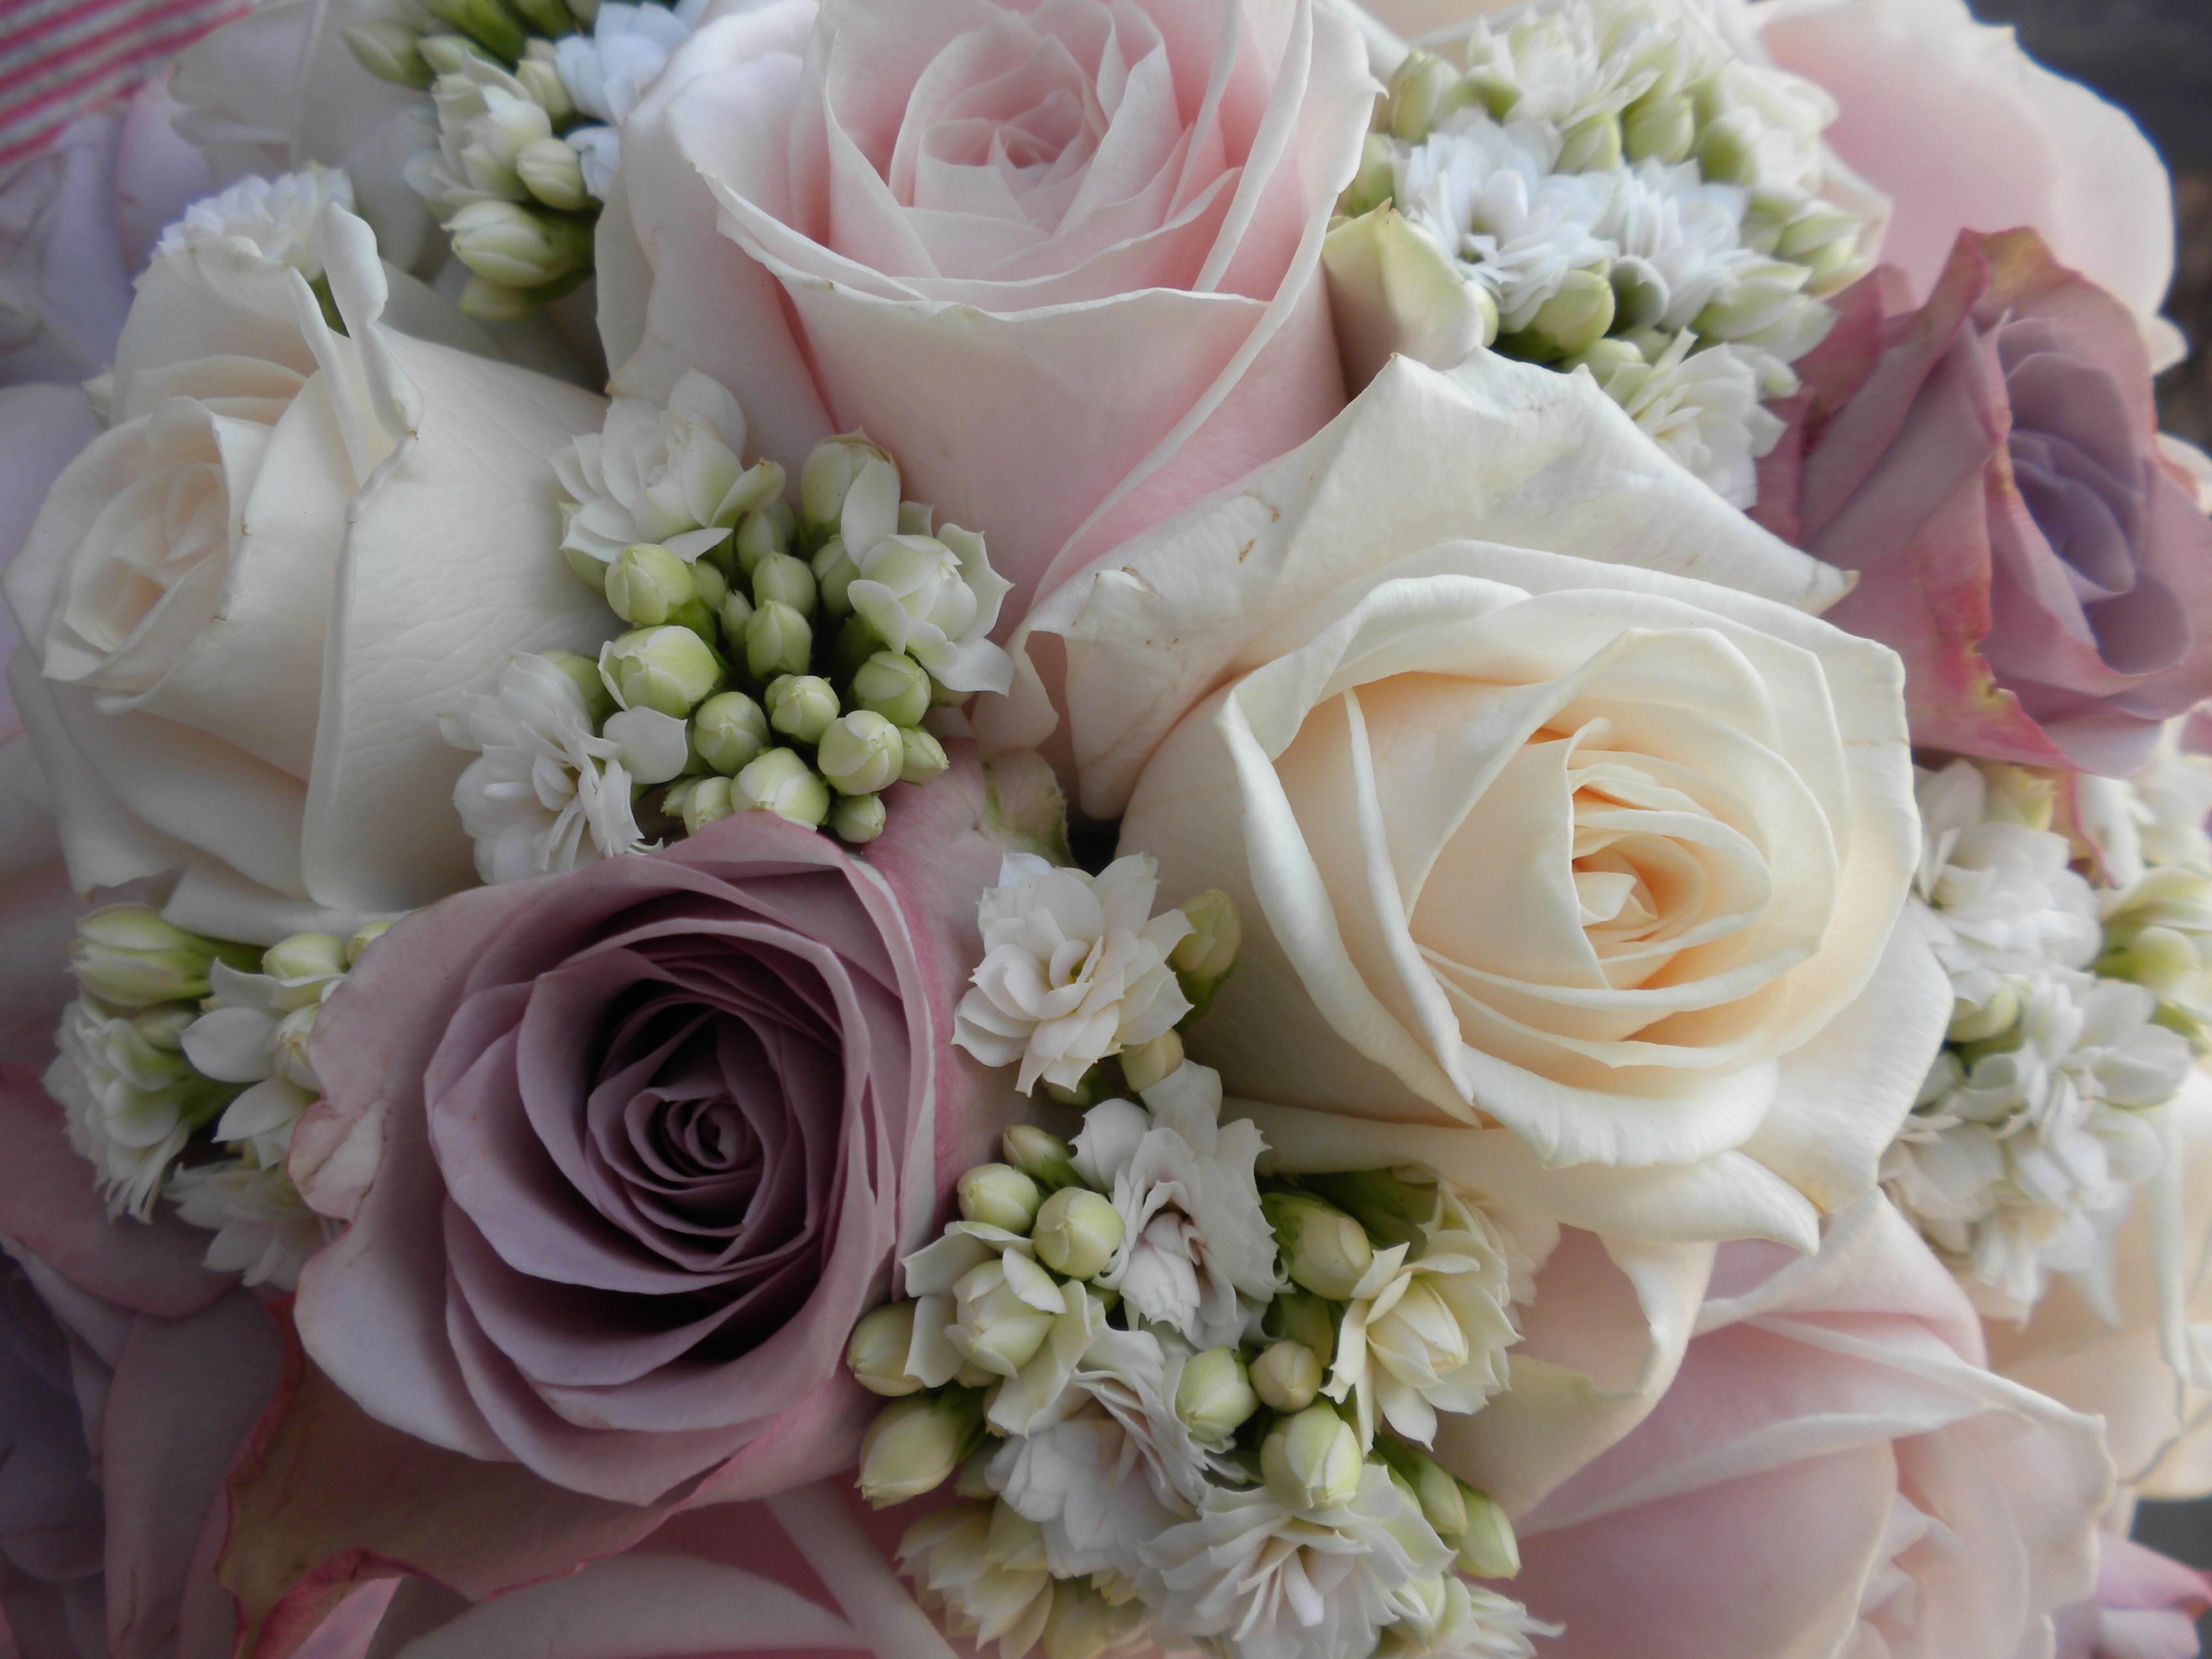 Fiori Per Matrimonio.Tondo Rosa Lilla Fiori Per Matrimoni Fioristeria Clerici